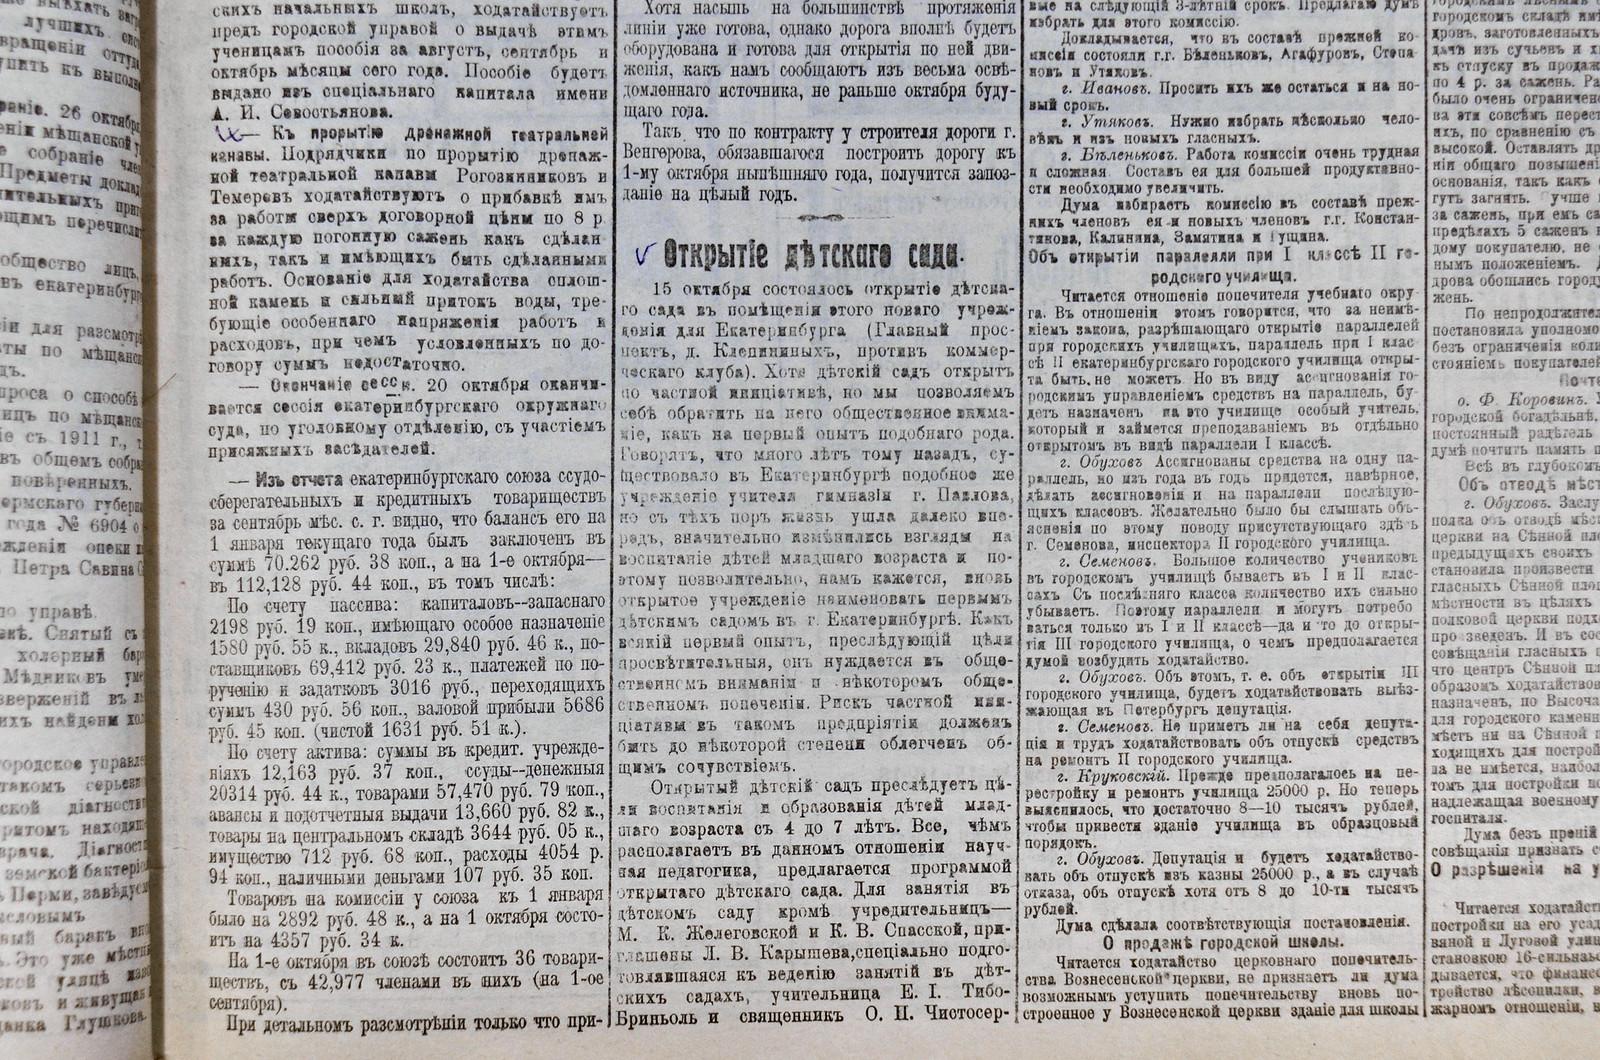 1910-10-19. № 228. Уральский край 1